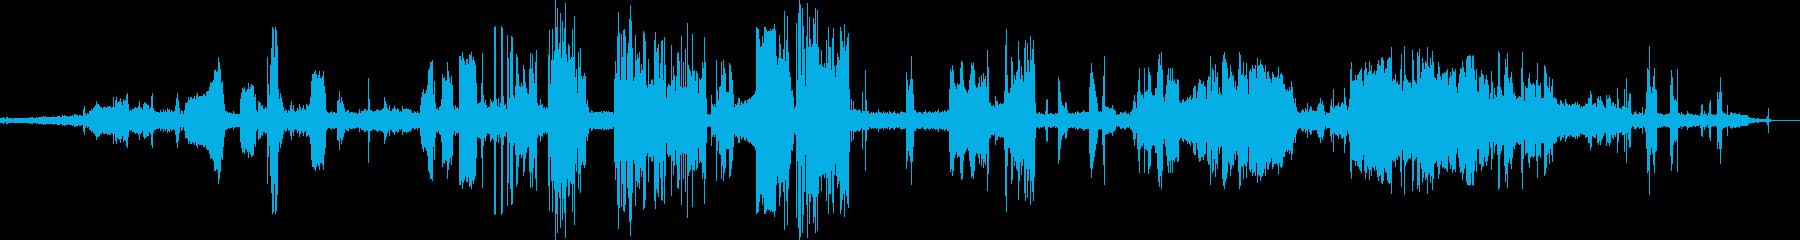 機械、電子;ラジオハッシュは、古い...の再生済みの波形